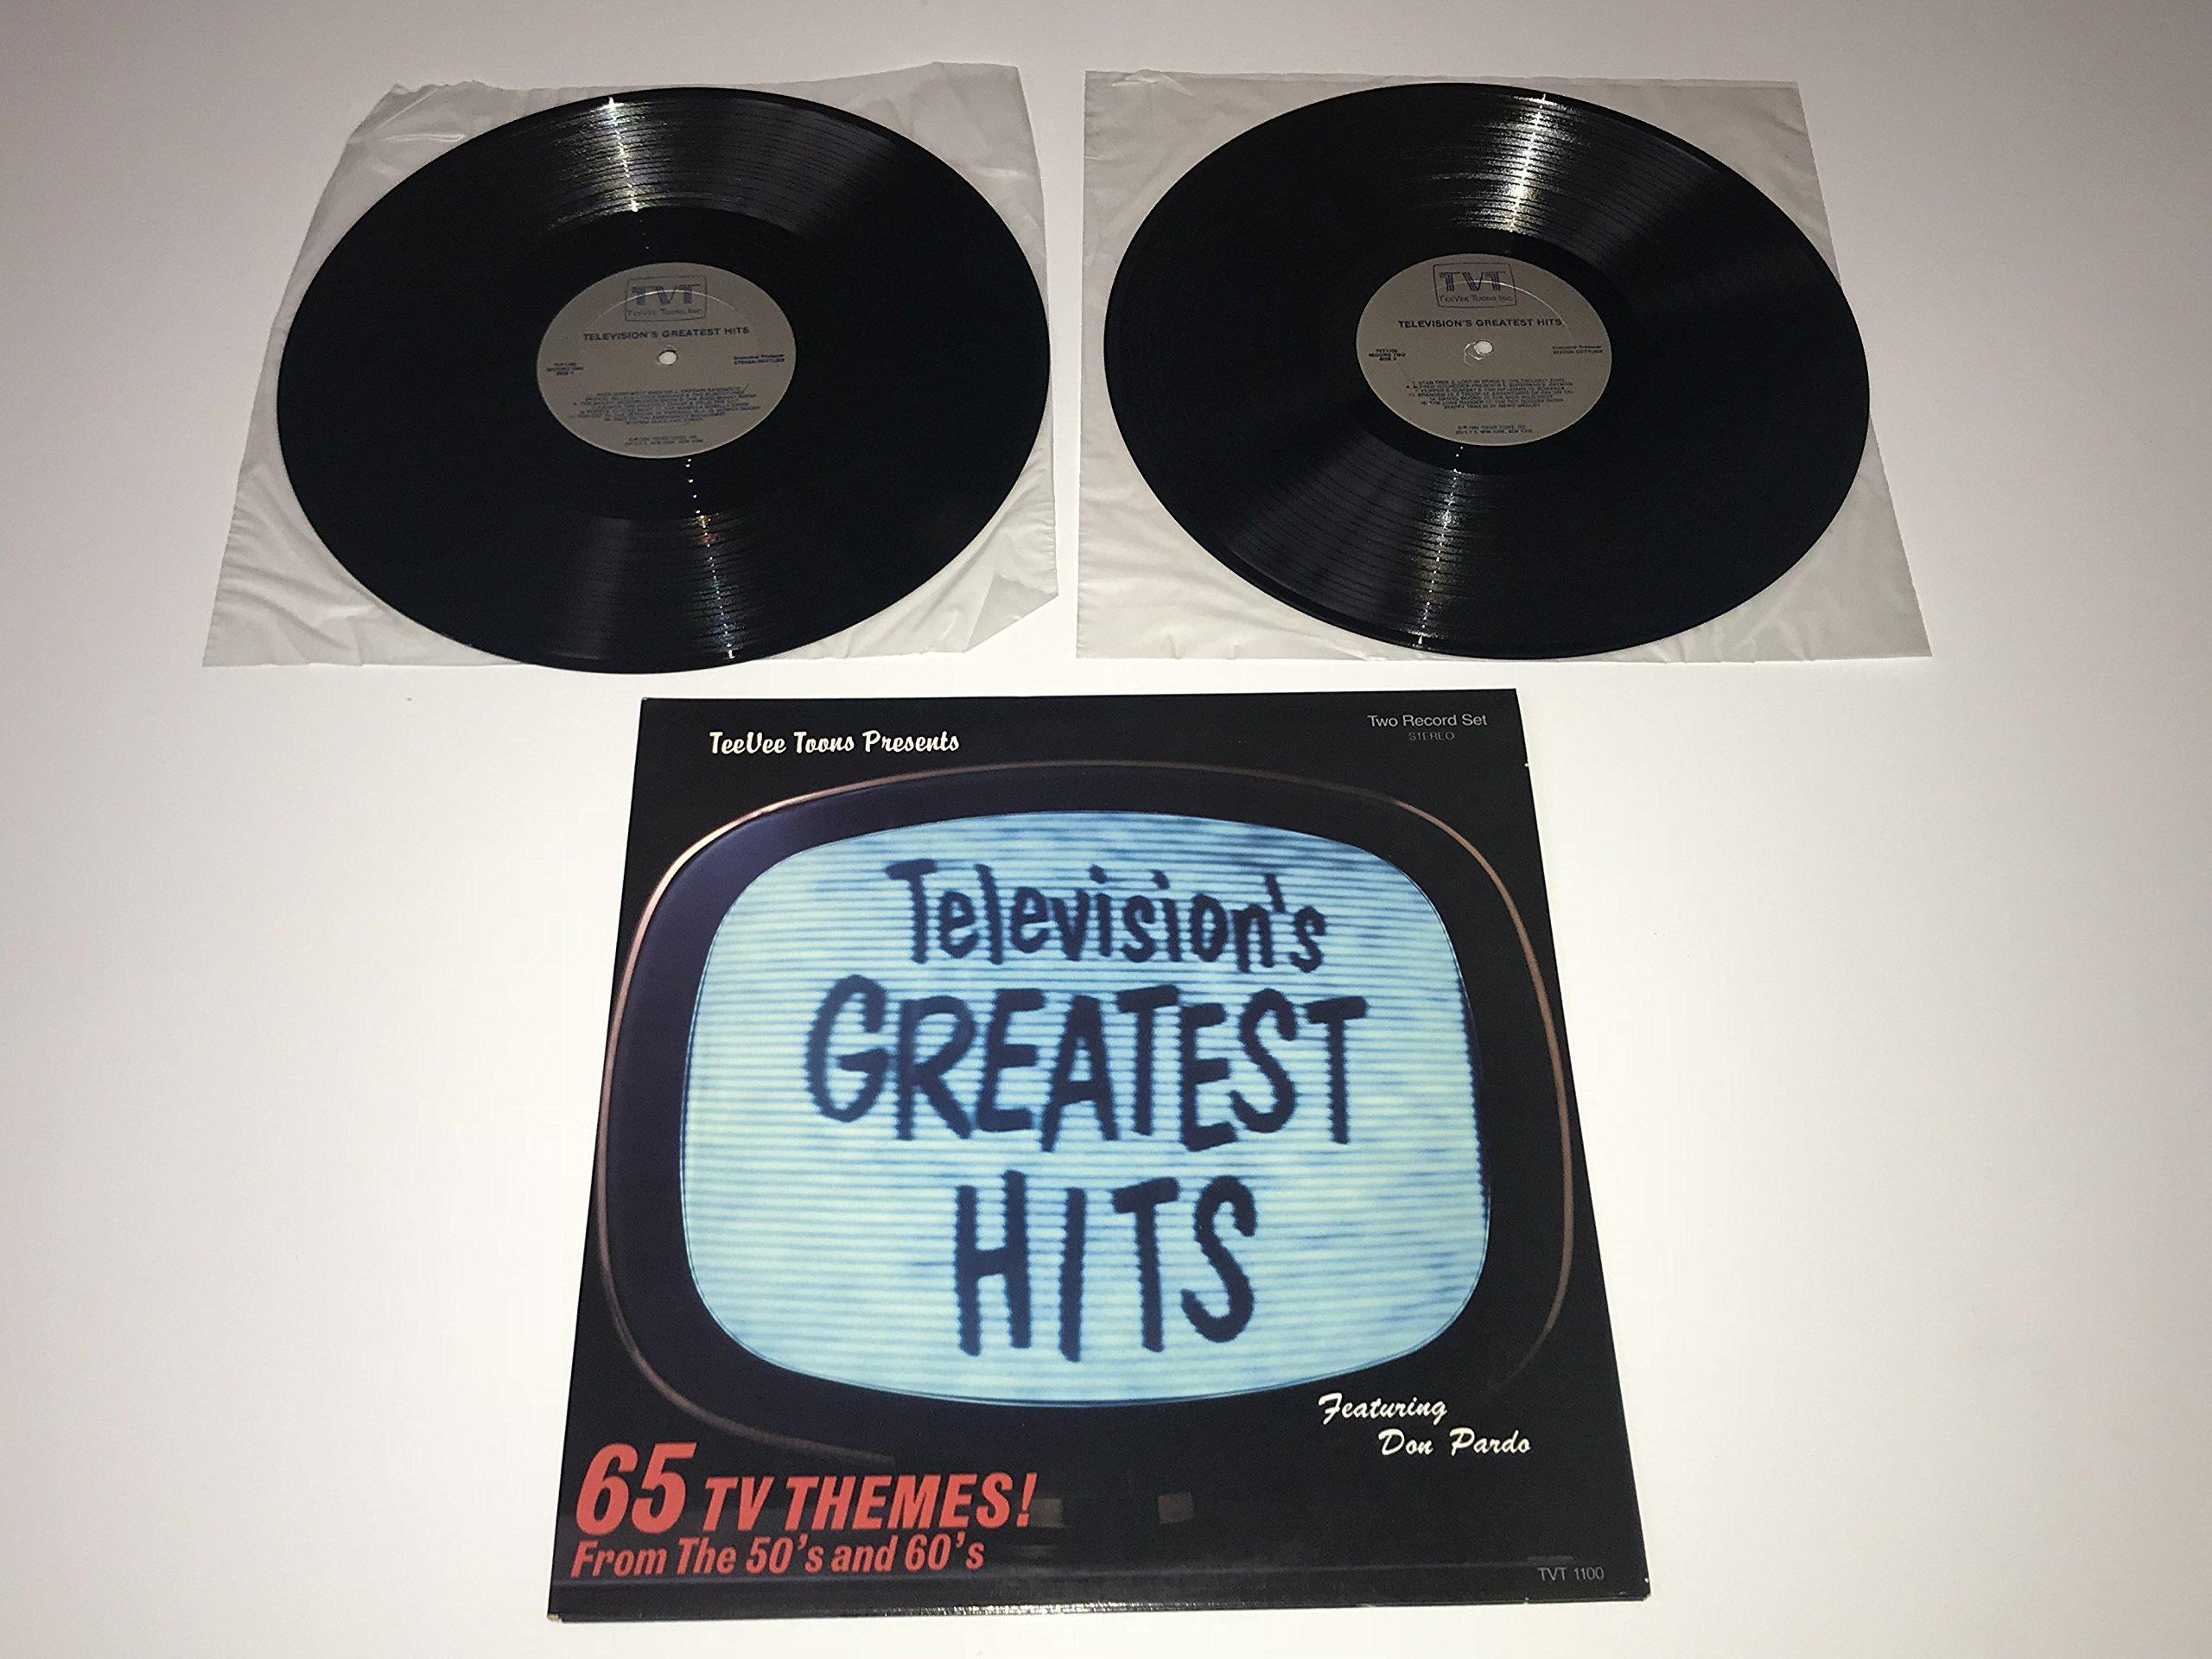 Los éxitos más grandes de la televisión: 65 temas de televisión de los años 50 y 60